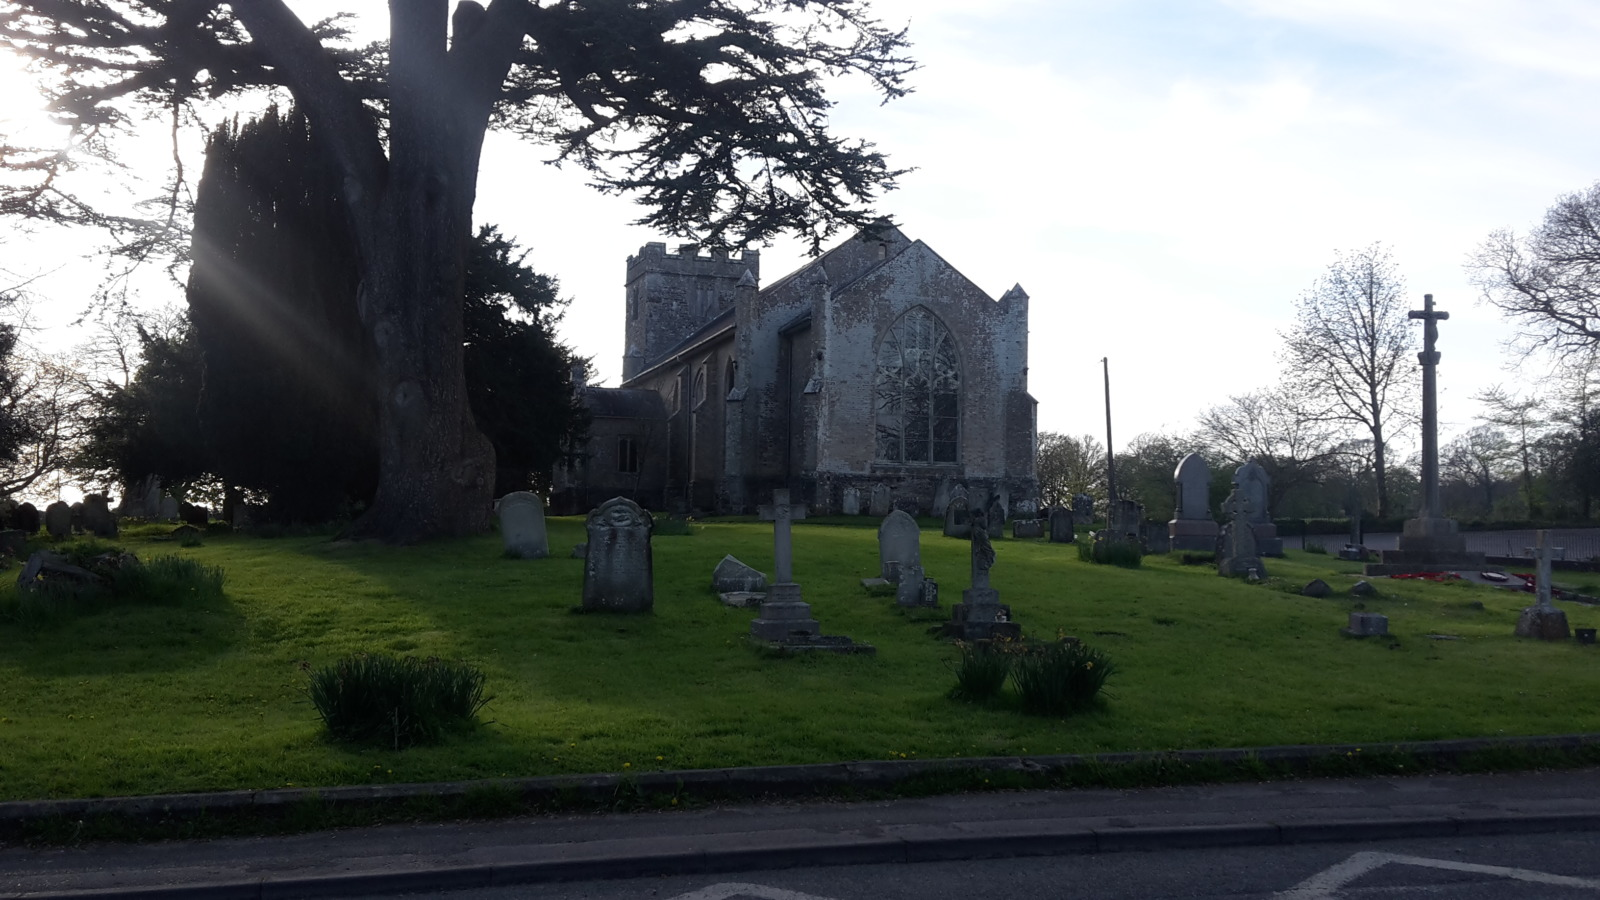 Lytchett Minster church